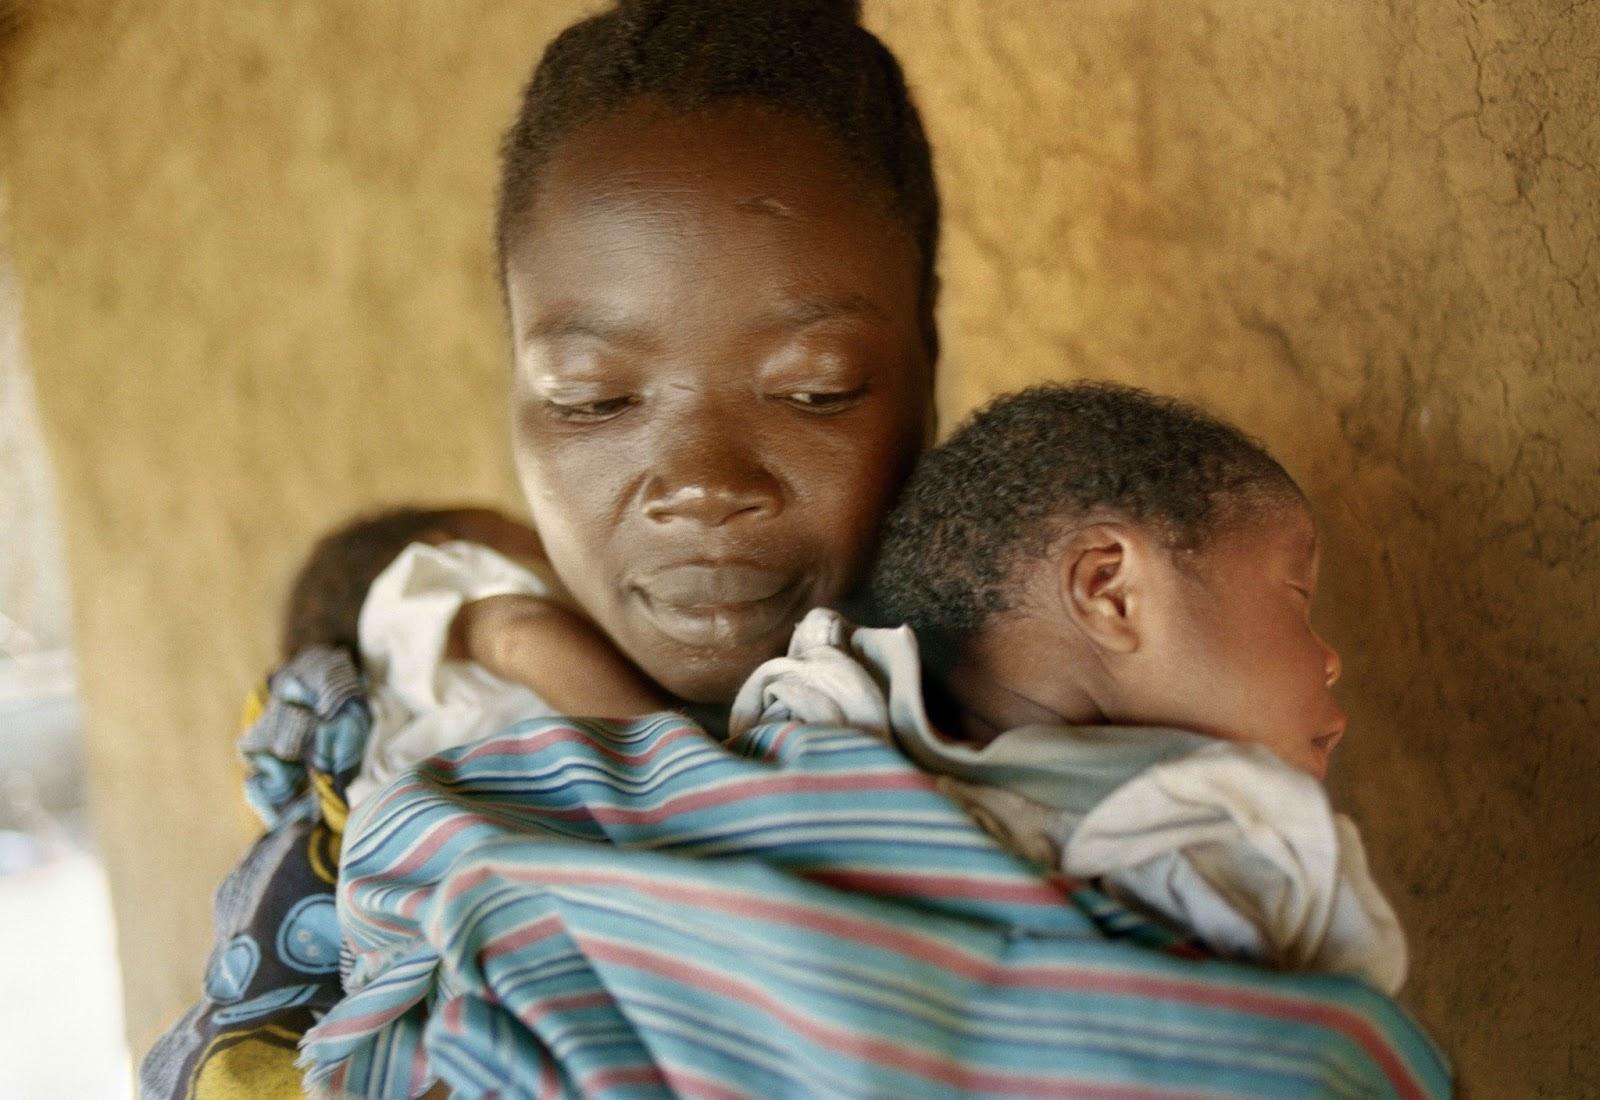 maternidad, crianza, vínculo afectivo, gemelos, mellizos, trillizos, múltiples